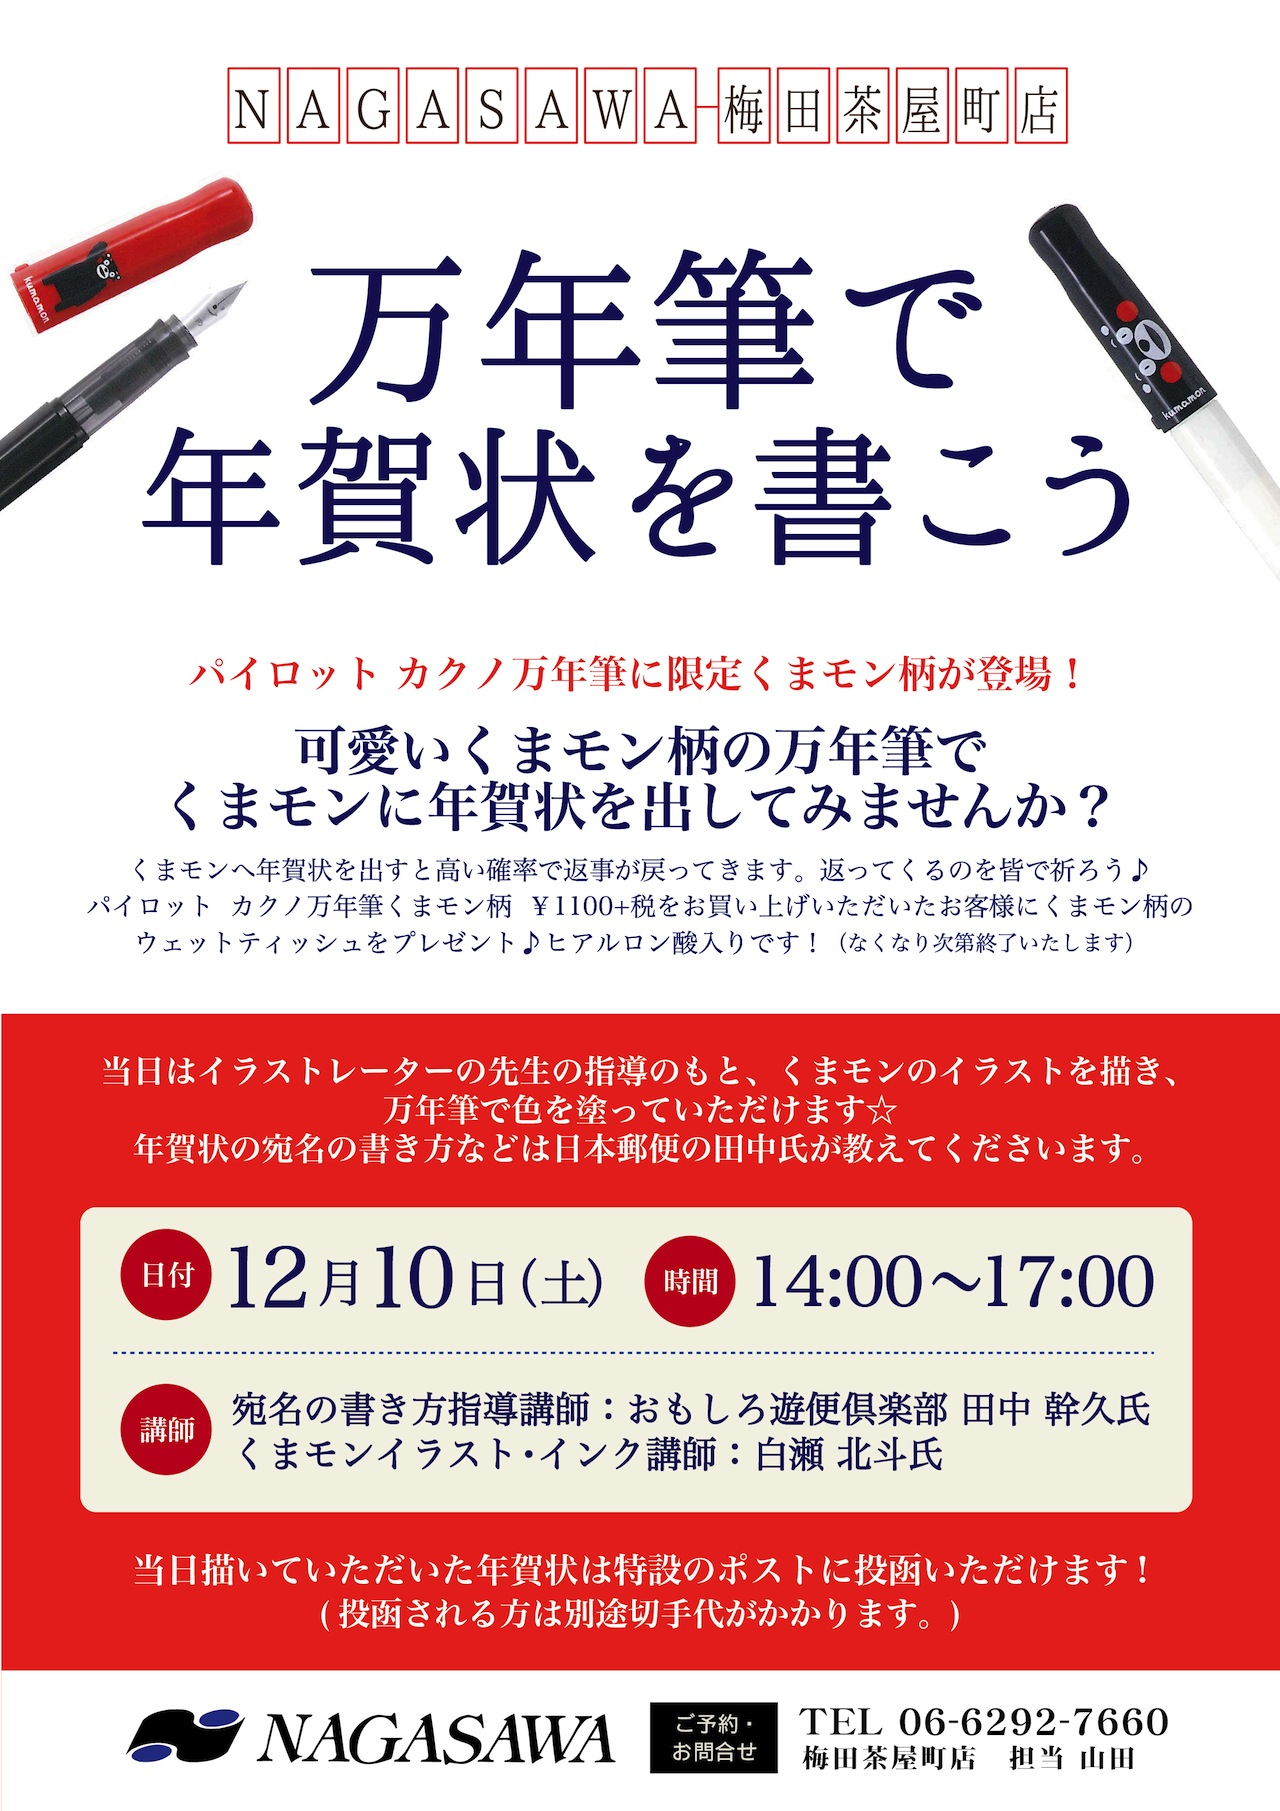 万年筆で年賀状を書こう @NAGASAWA梅田茶屋町店